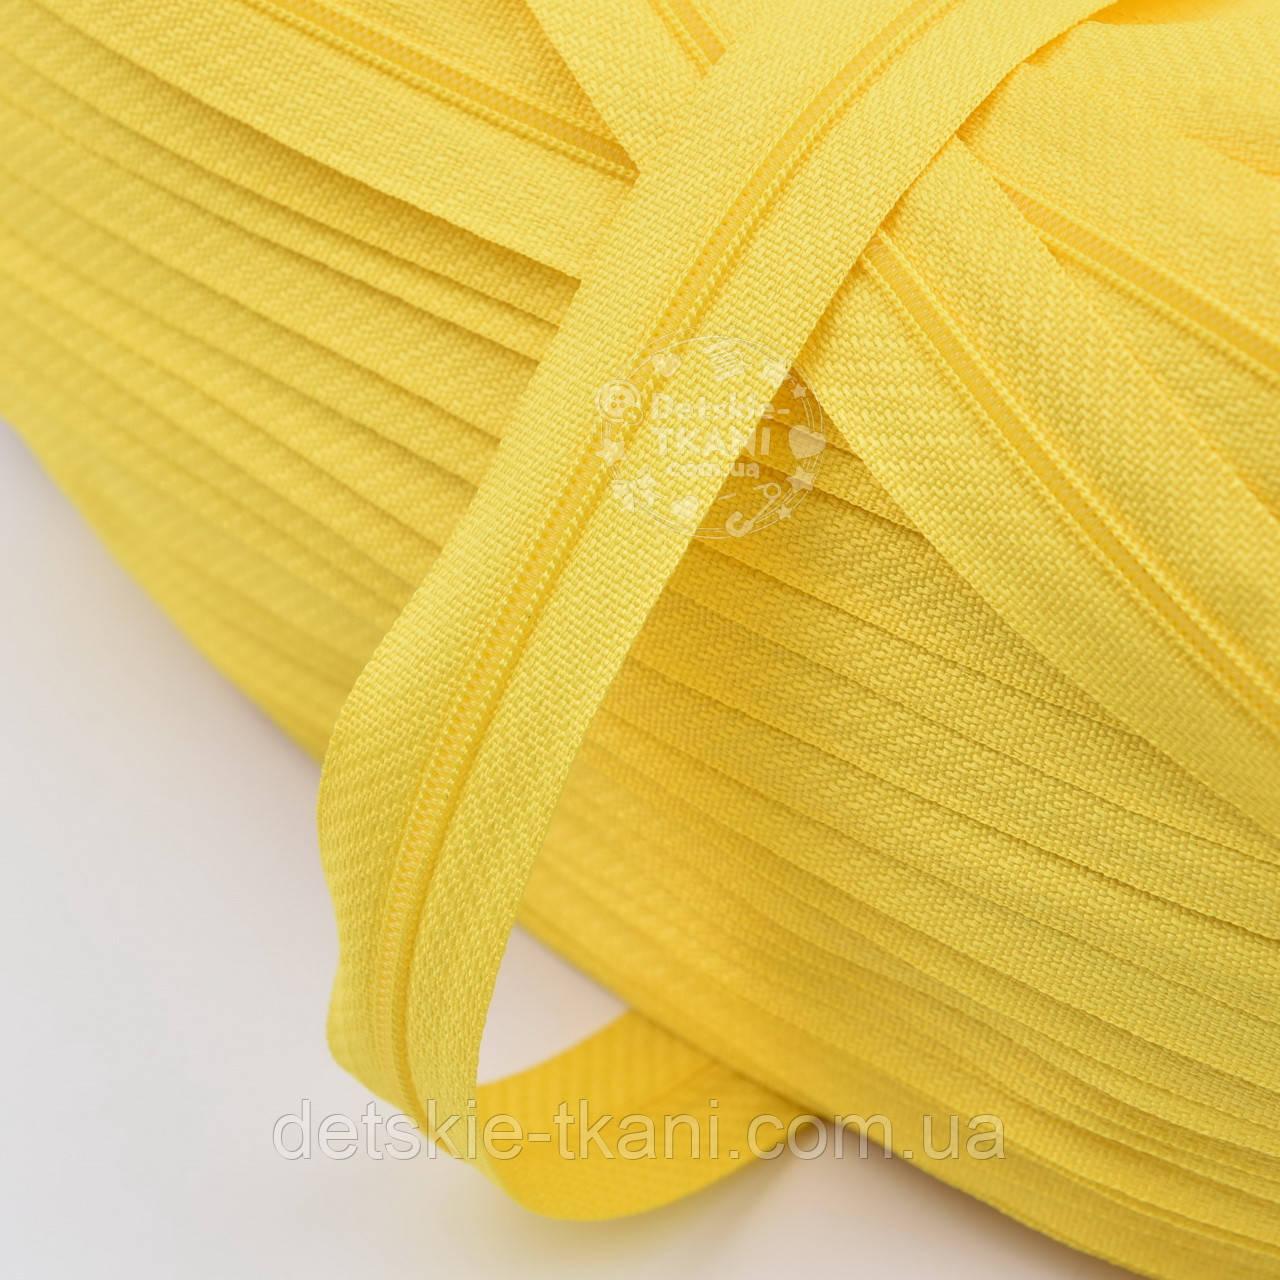 Молния рулонная жёлтого цвета, Т3 (метражом)